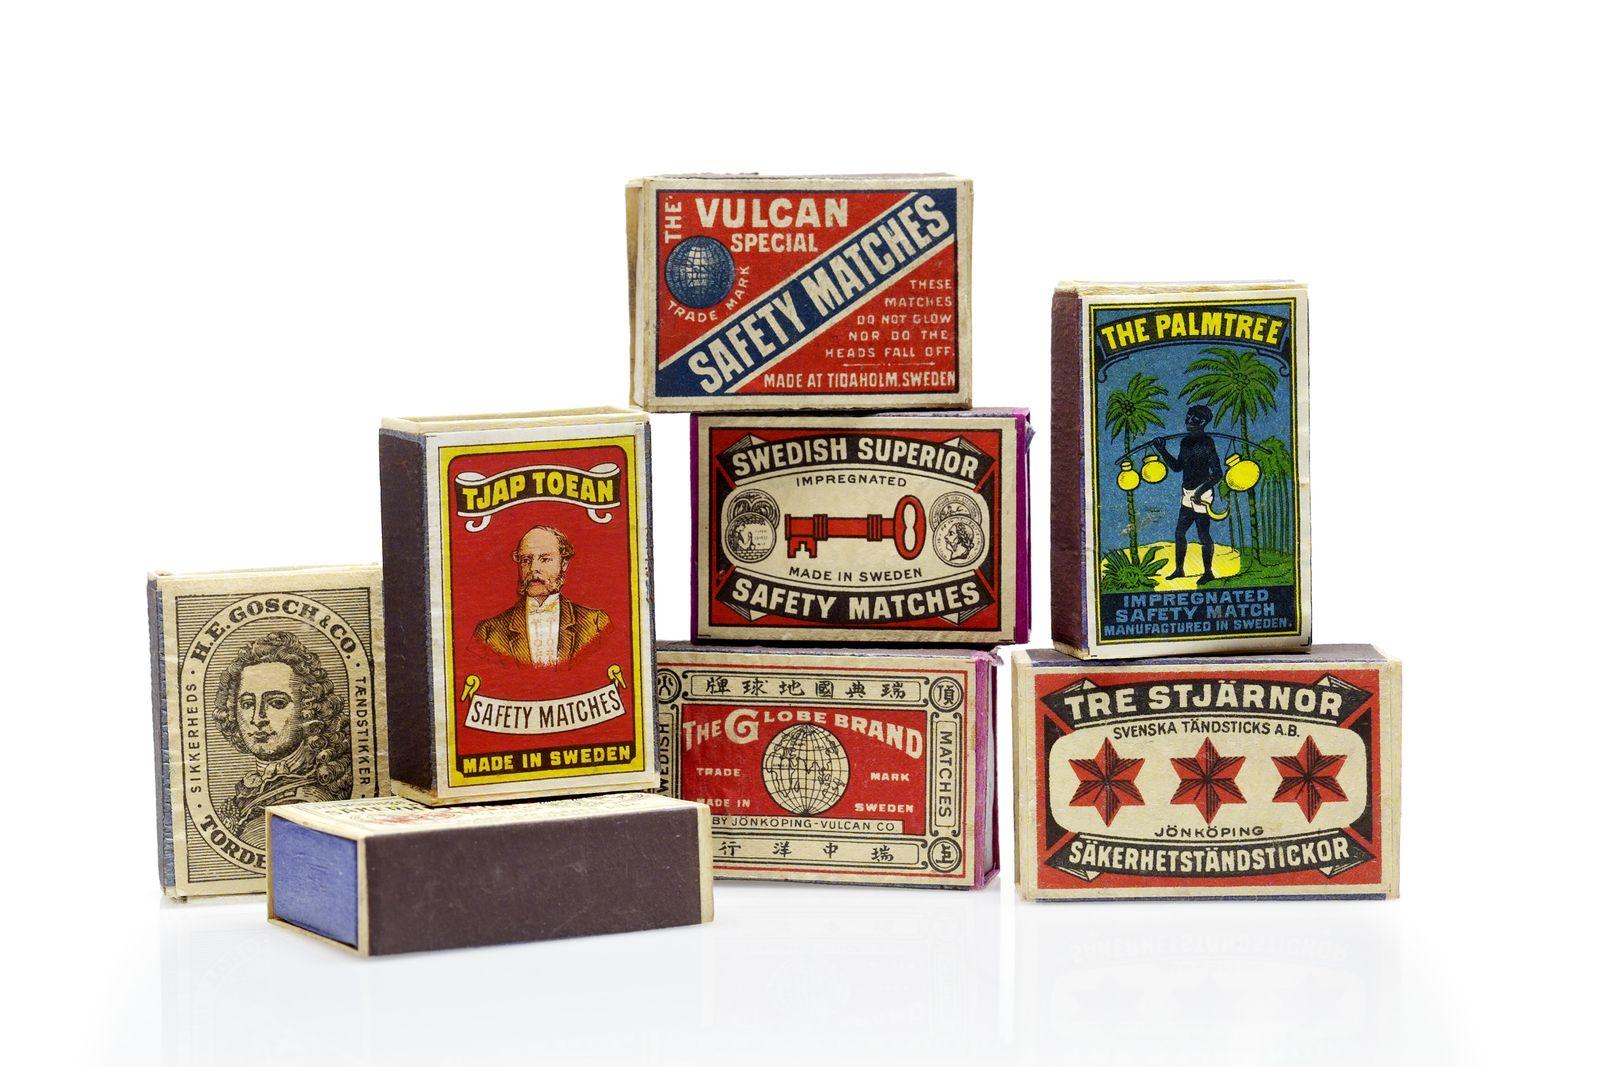 Verschiedene Etikettenmotive für die Streichholzschachteln der Firma Jönköpings Tändstickfabrik, ca. 1890 – 1960. © Tändsticksmuseet Jonköping. Foto: Ute Franz-Scarciglia